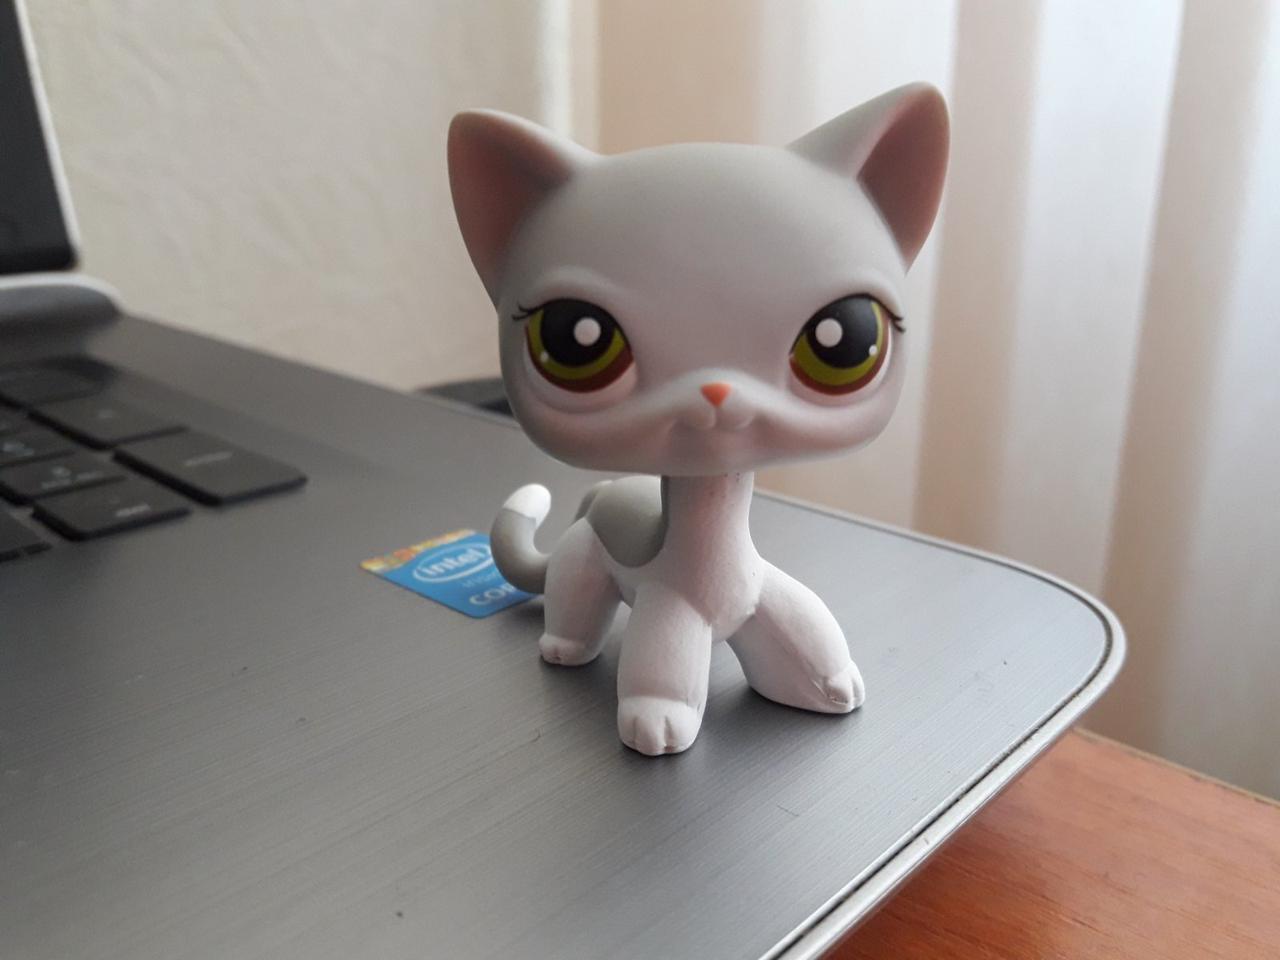 Lps littlest pet shop стоячки - лпс кошка Hasbro 138 -старая коллекция